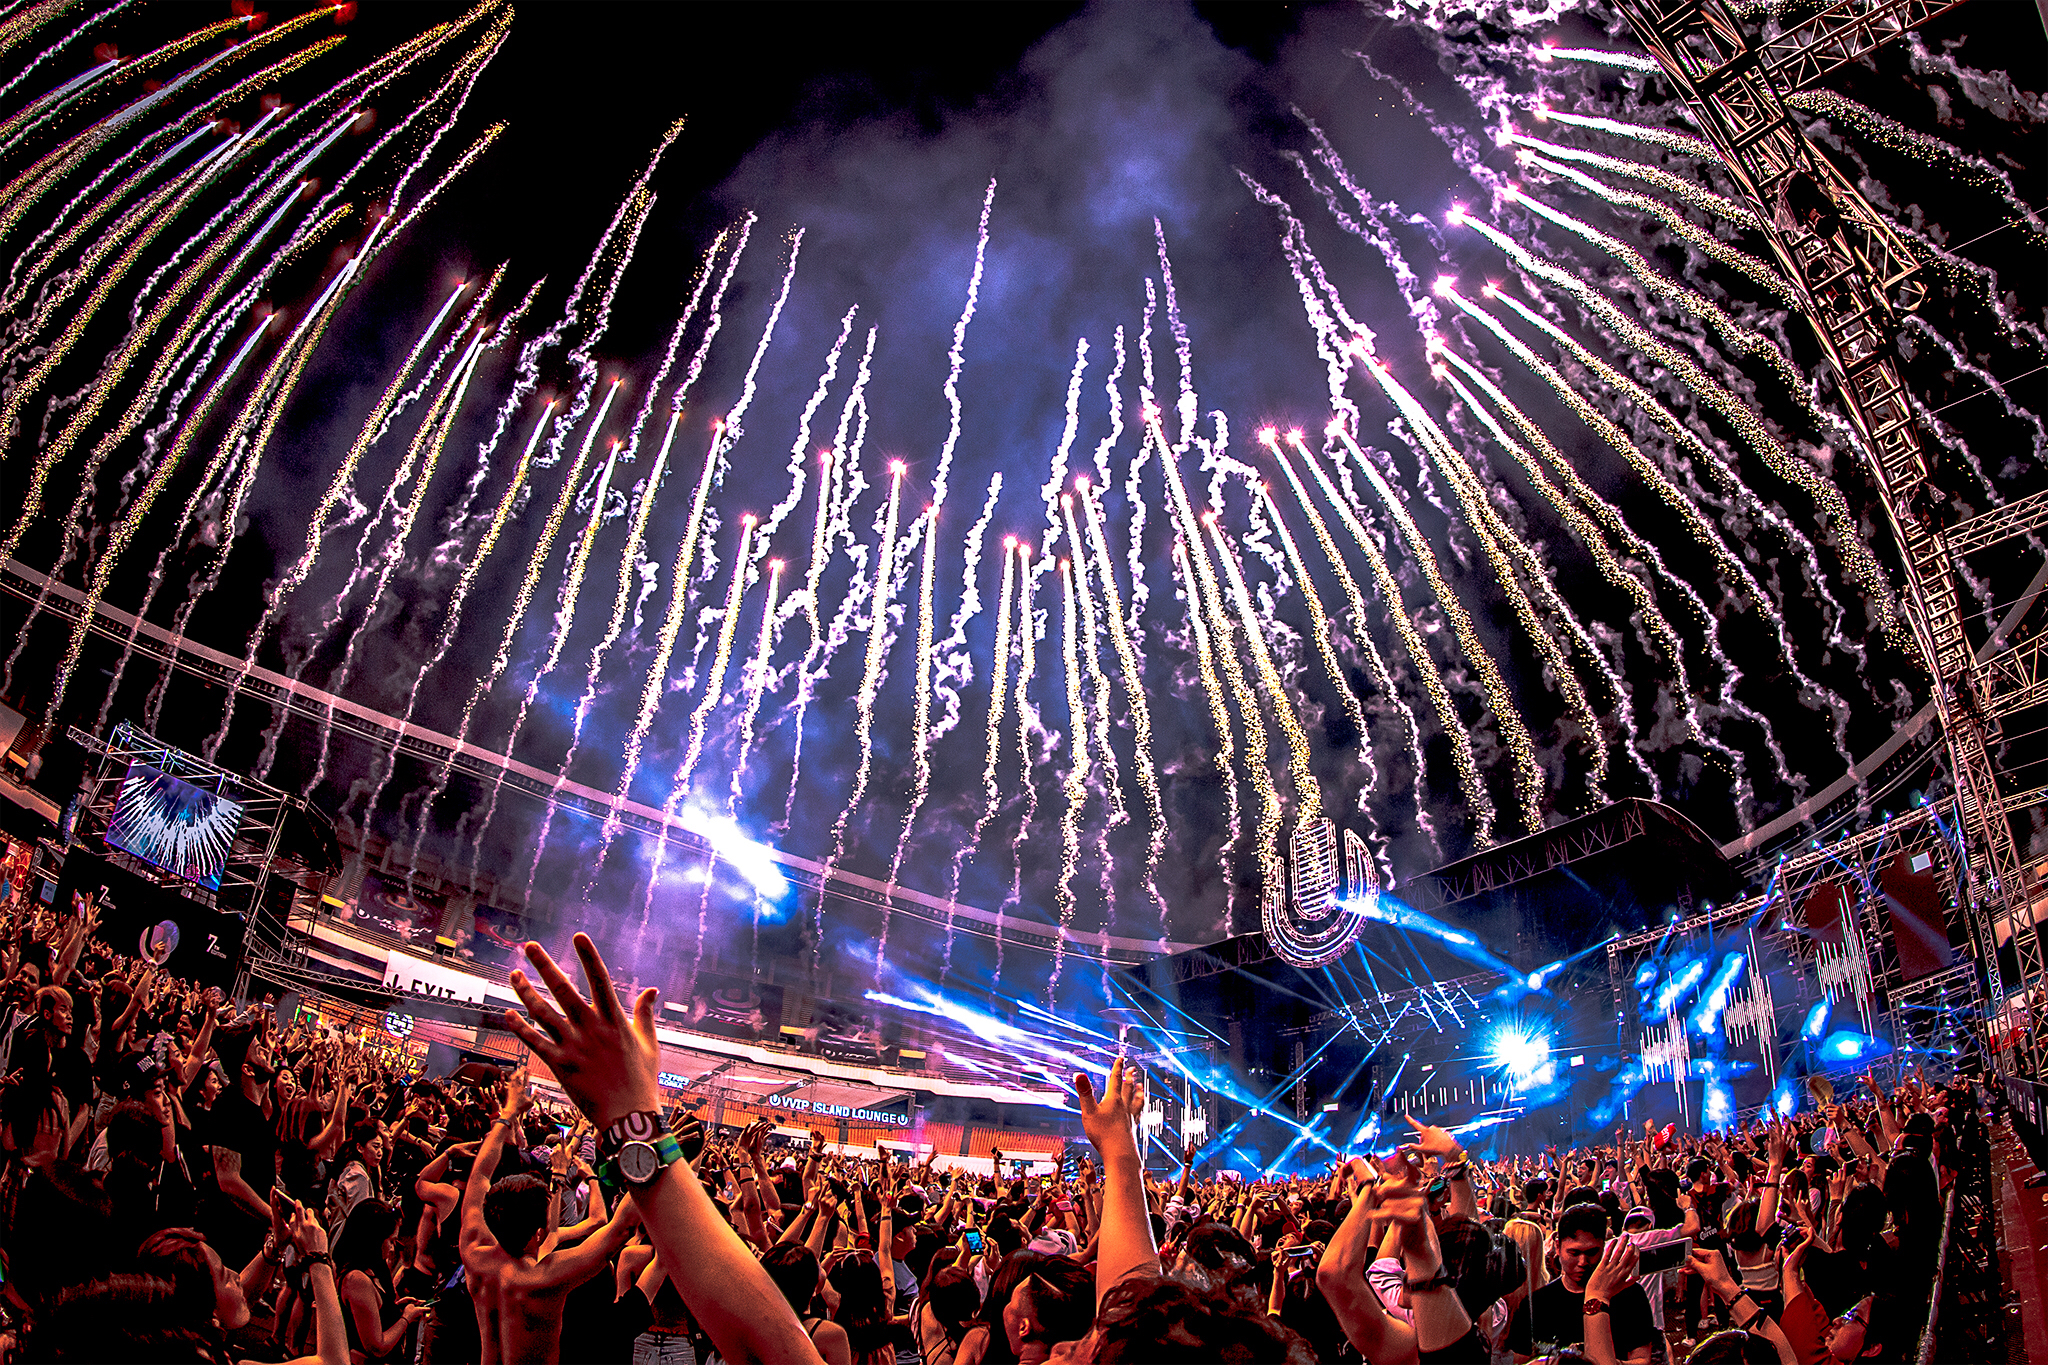 15万人が来場!ZeddやThe Chainsmokers, David Guettaらが出演した「ULTRA KOREA 2018」をレポート!